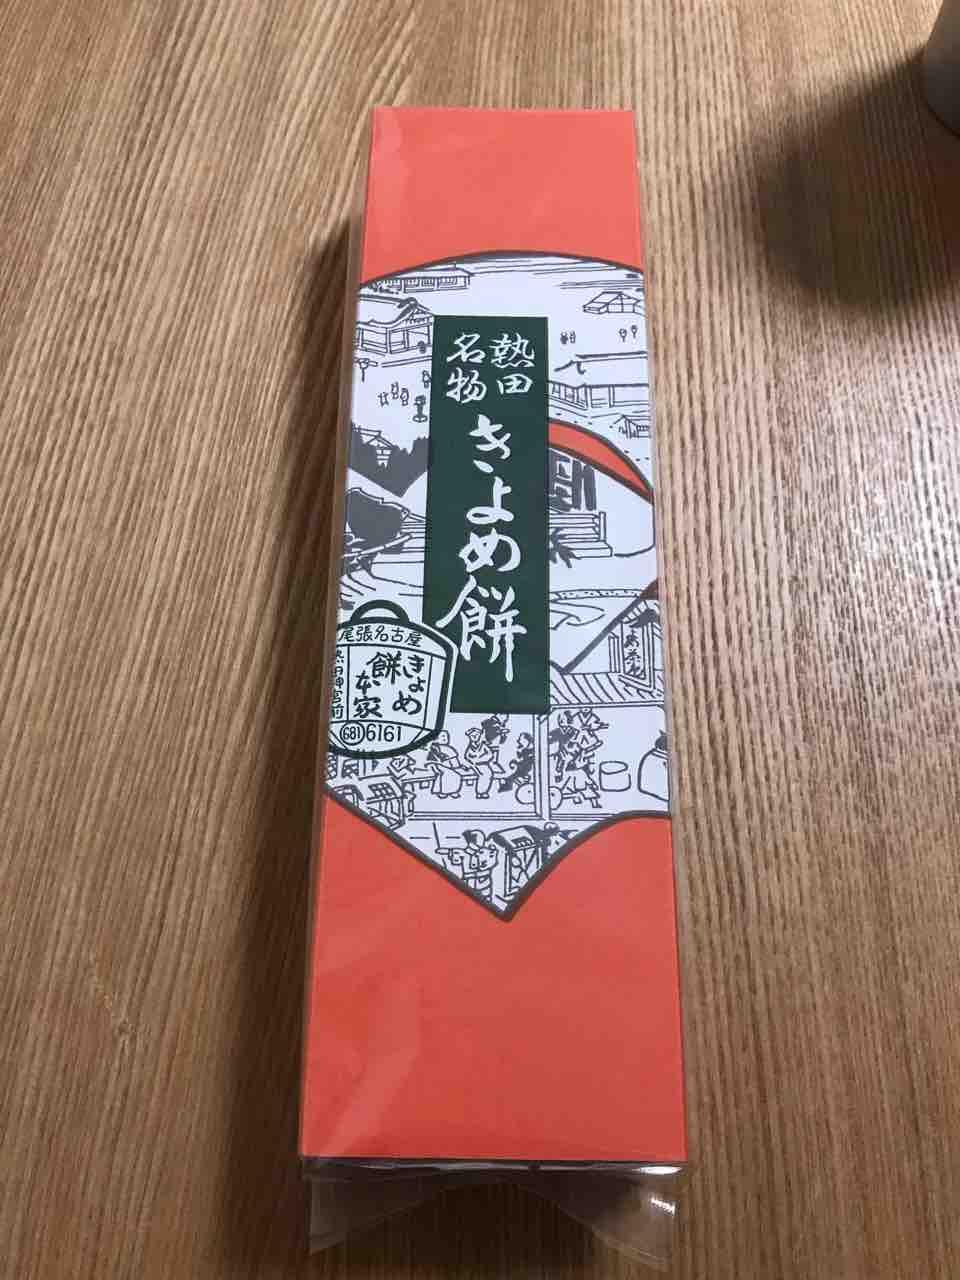 熱田神宮名物『きよめ餅』の箱。赤いパッケージに、イラスト、きよめ餅本家の文字。